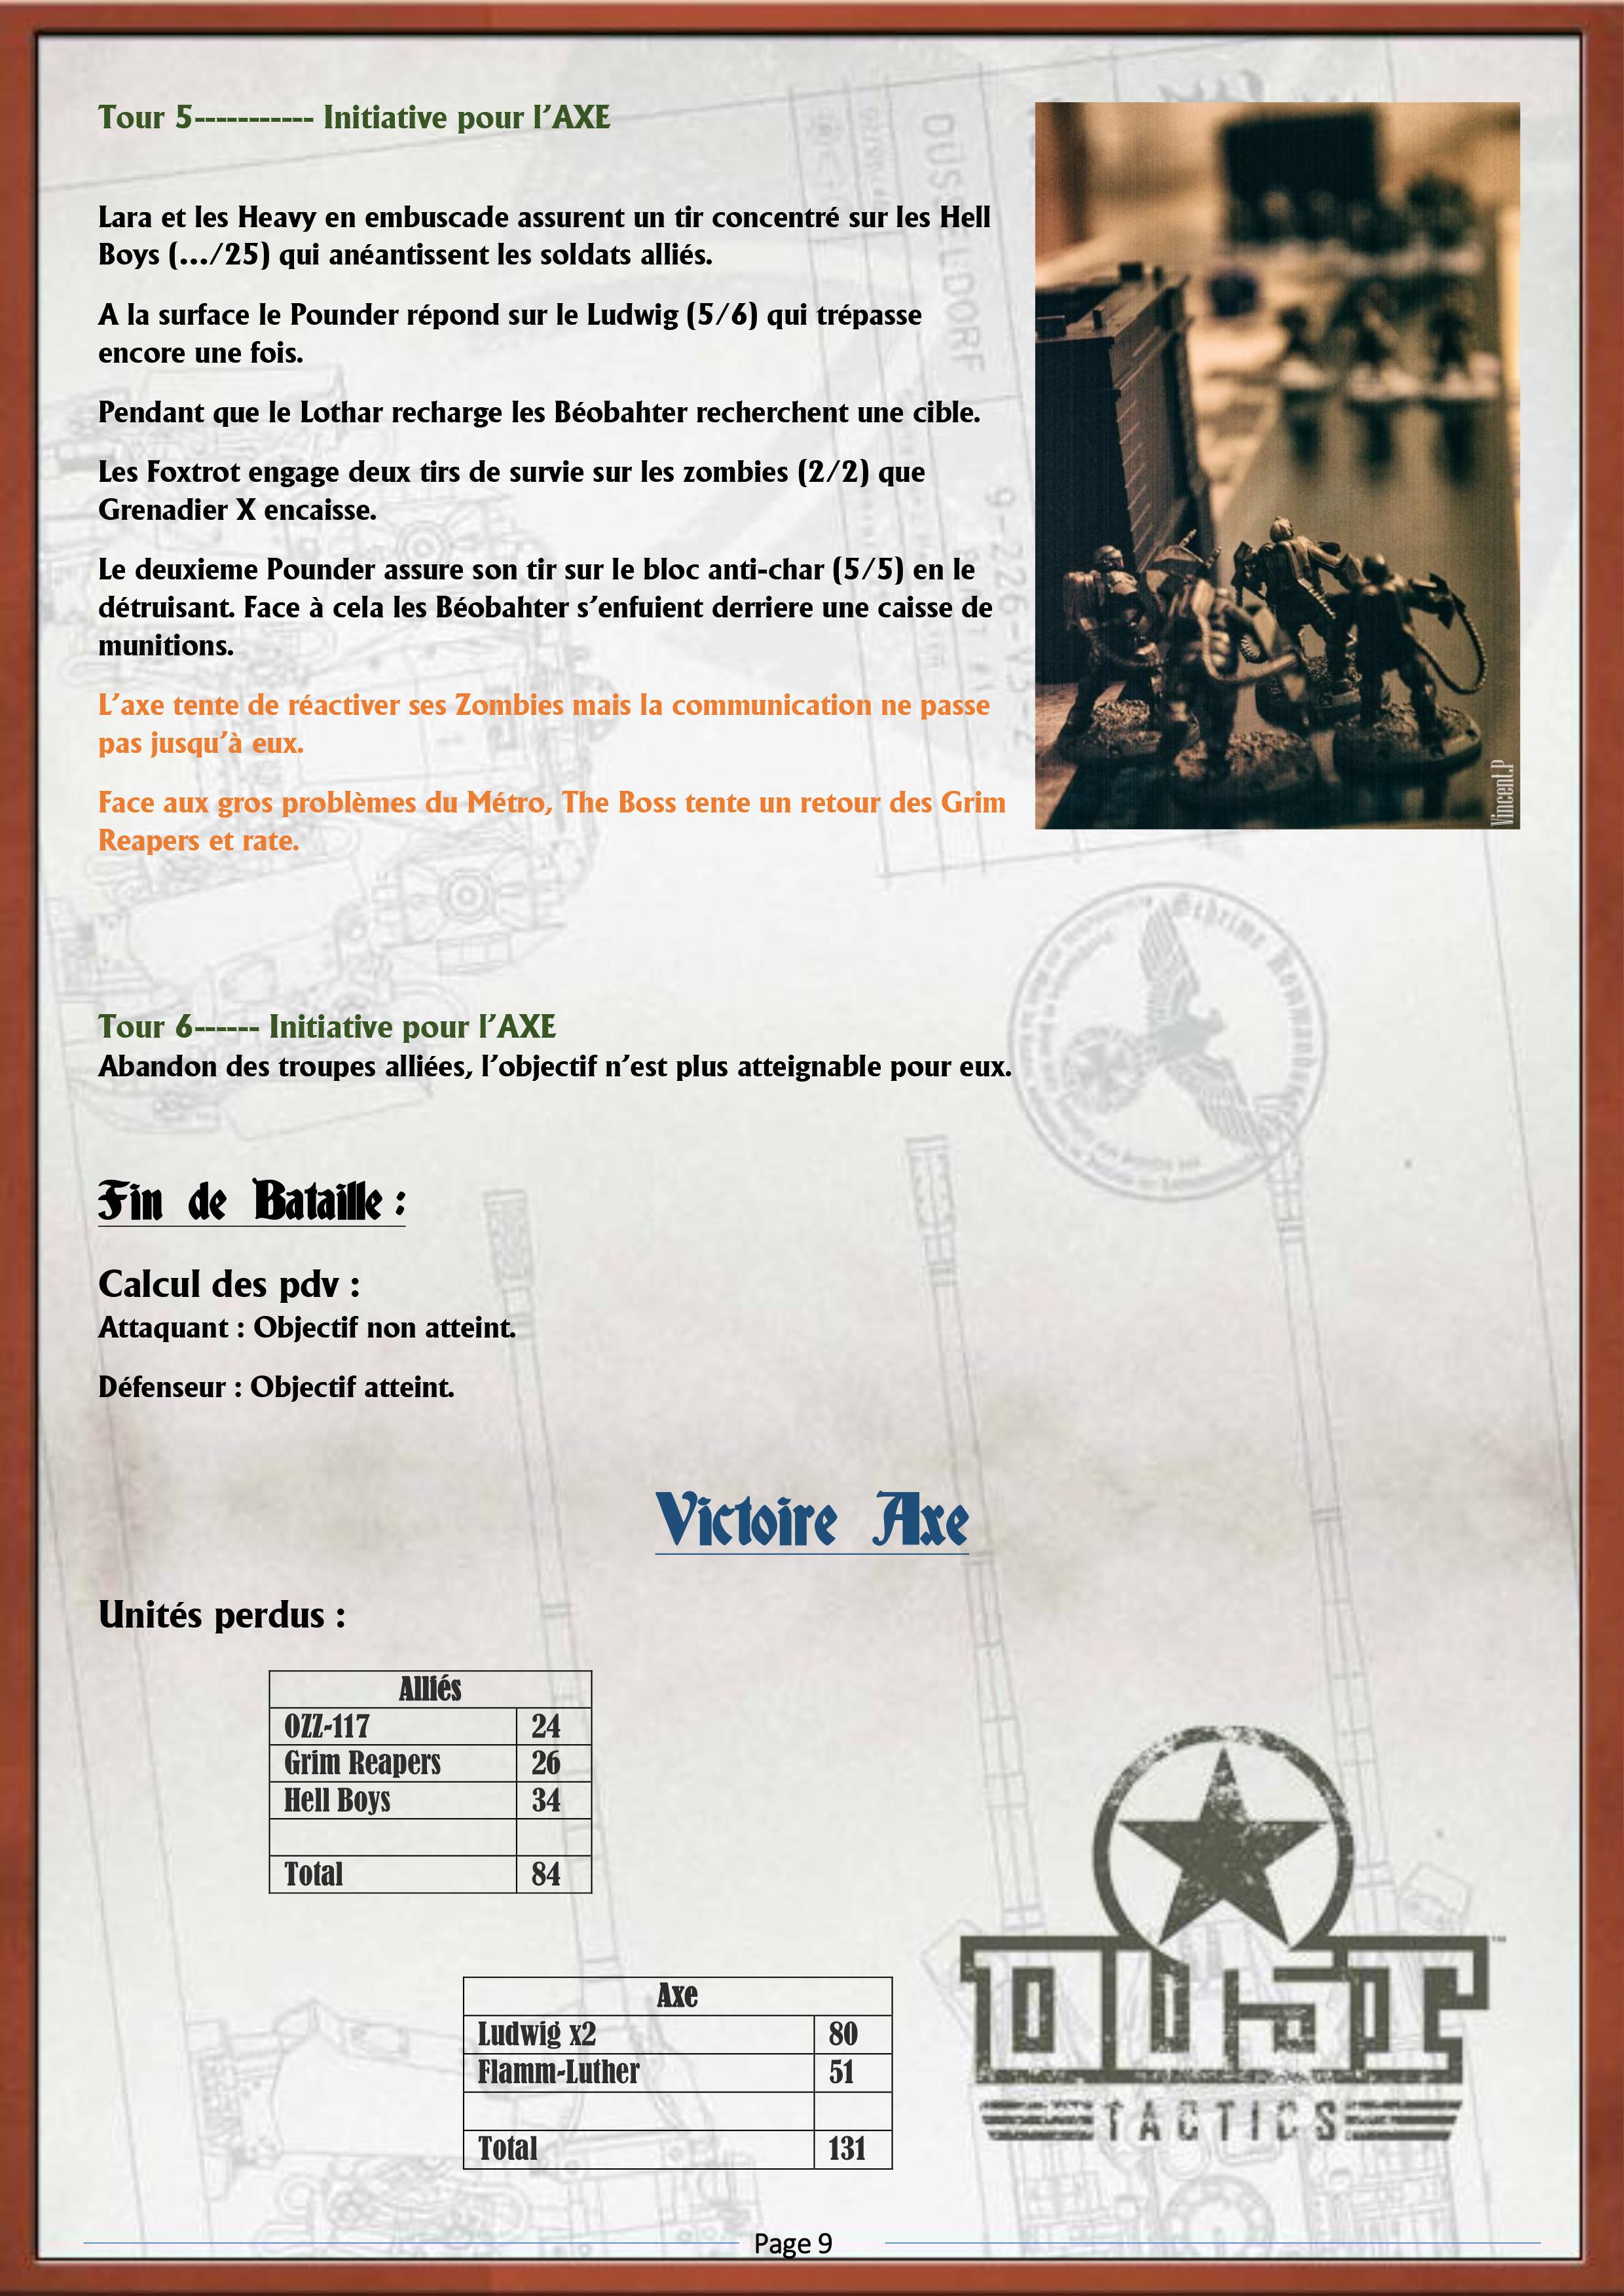 2 mai 1947: Saudur: le pont d'accès à l'usine VK Compte%20rendu%20de%20Bataille%2008112013-9